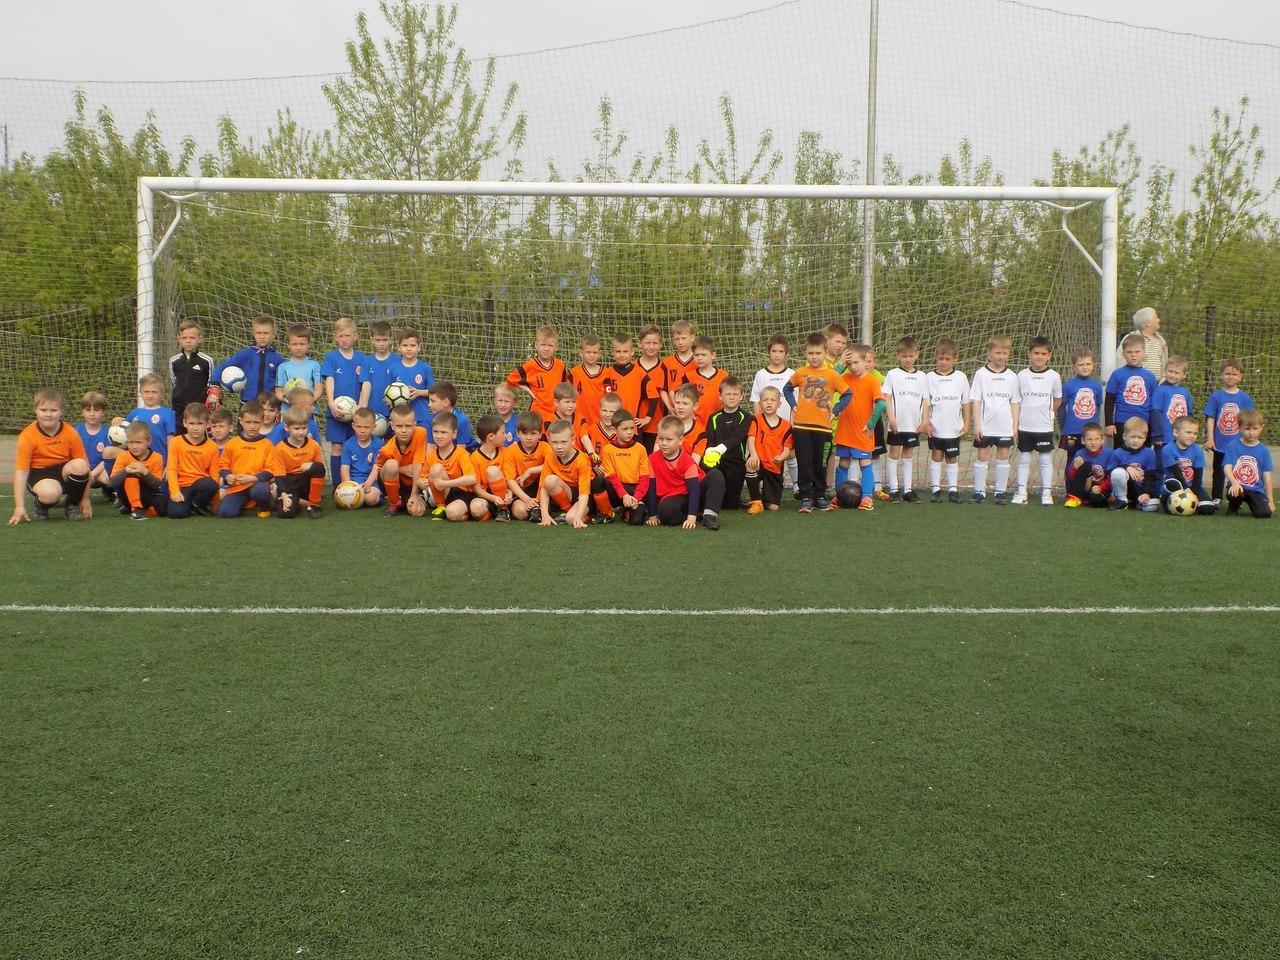 Результаты игр Первенства города Подольска среди детских команд 2006, 2007/2008, 2009/2010 и 2010/2011 г.р. за 30.09.2017 года